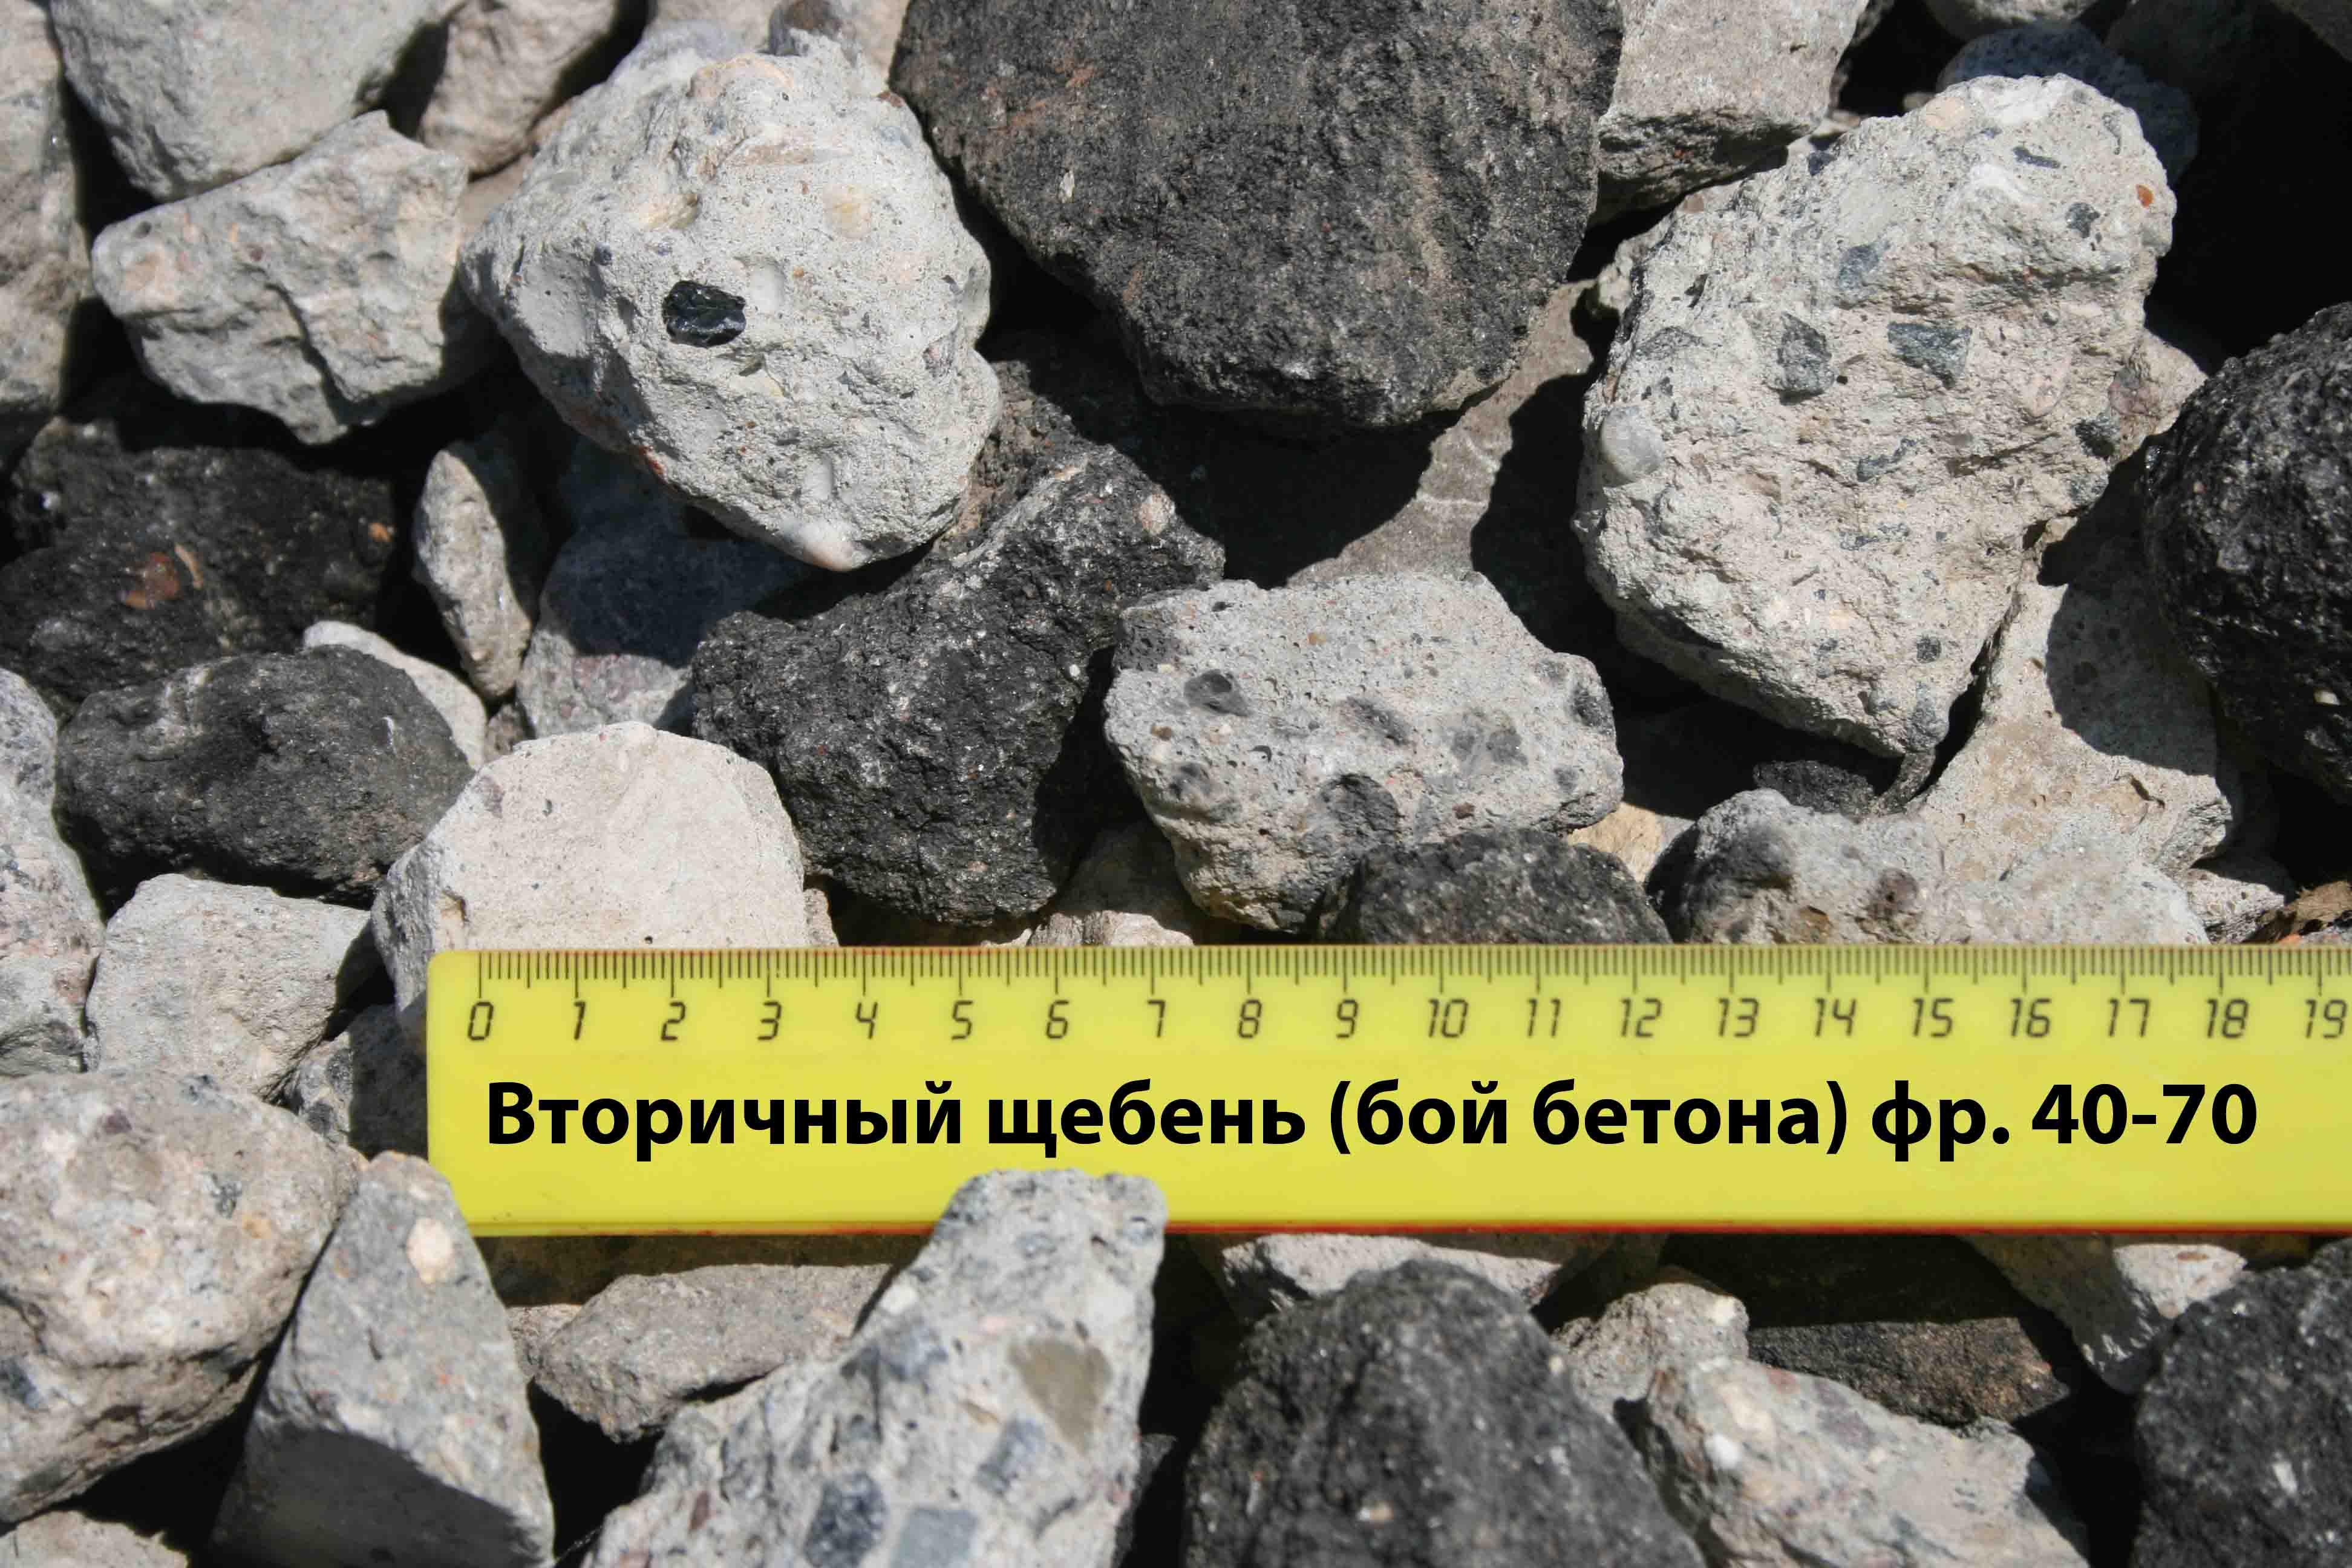 Известковый щебень в волоколамске купить строительная компания Ижевск город Ижевск